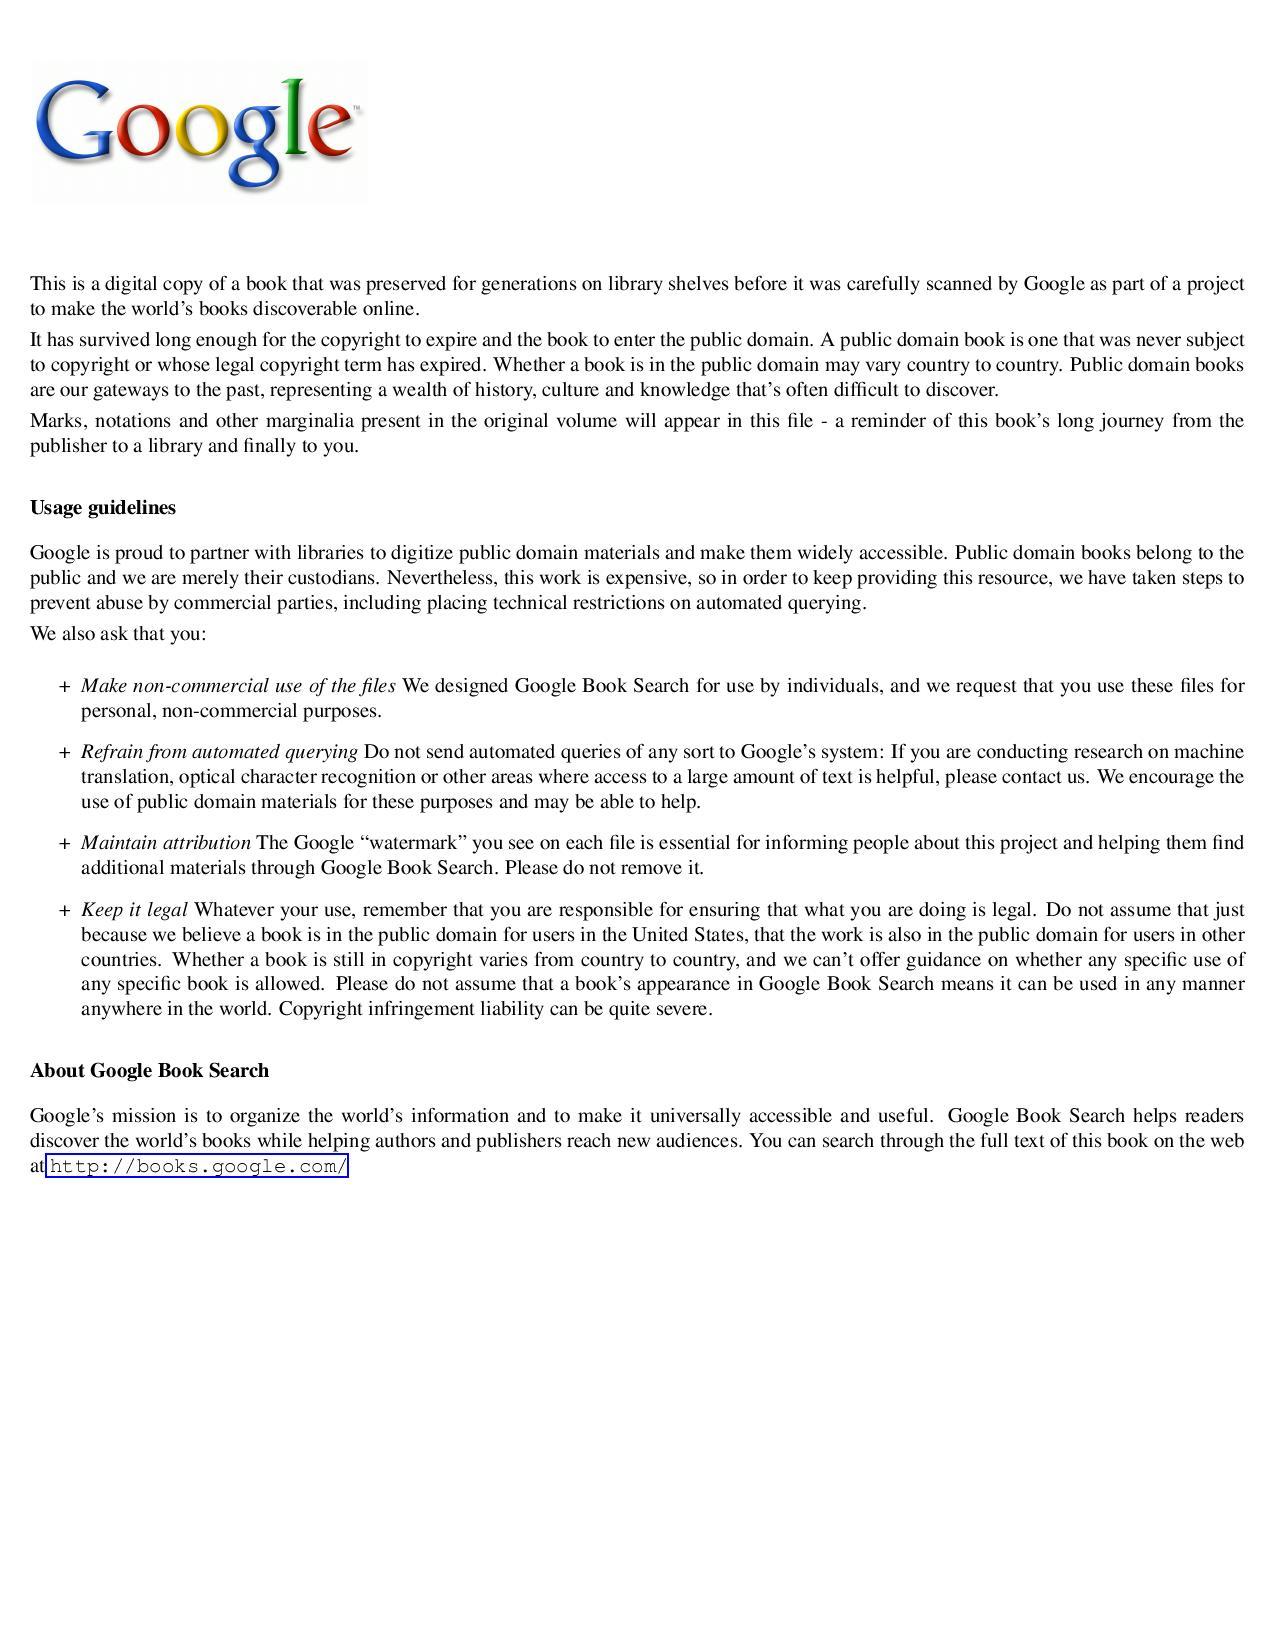 Jahrbuch für sexuelle Zwischenstufen unter besonderer Berücksichtigung der Homosexualität by Magnus Hirschfeld